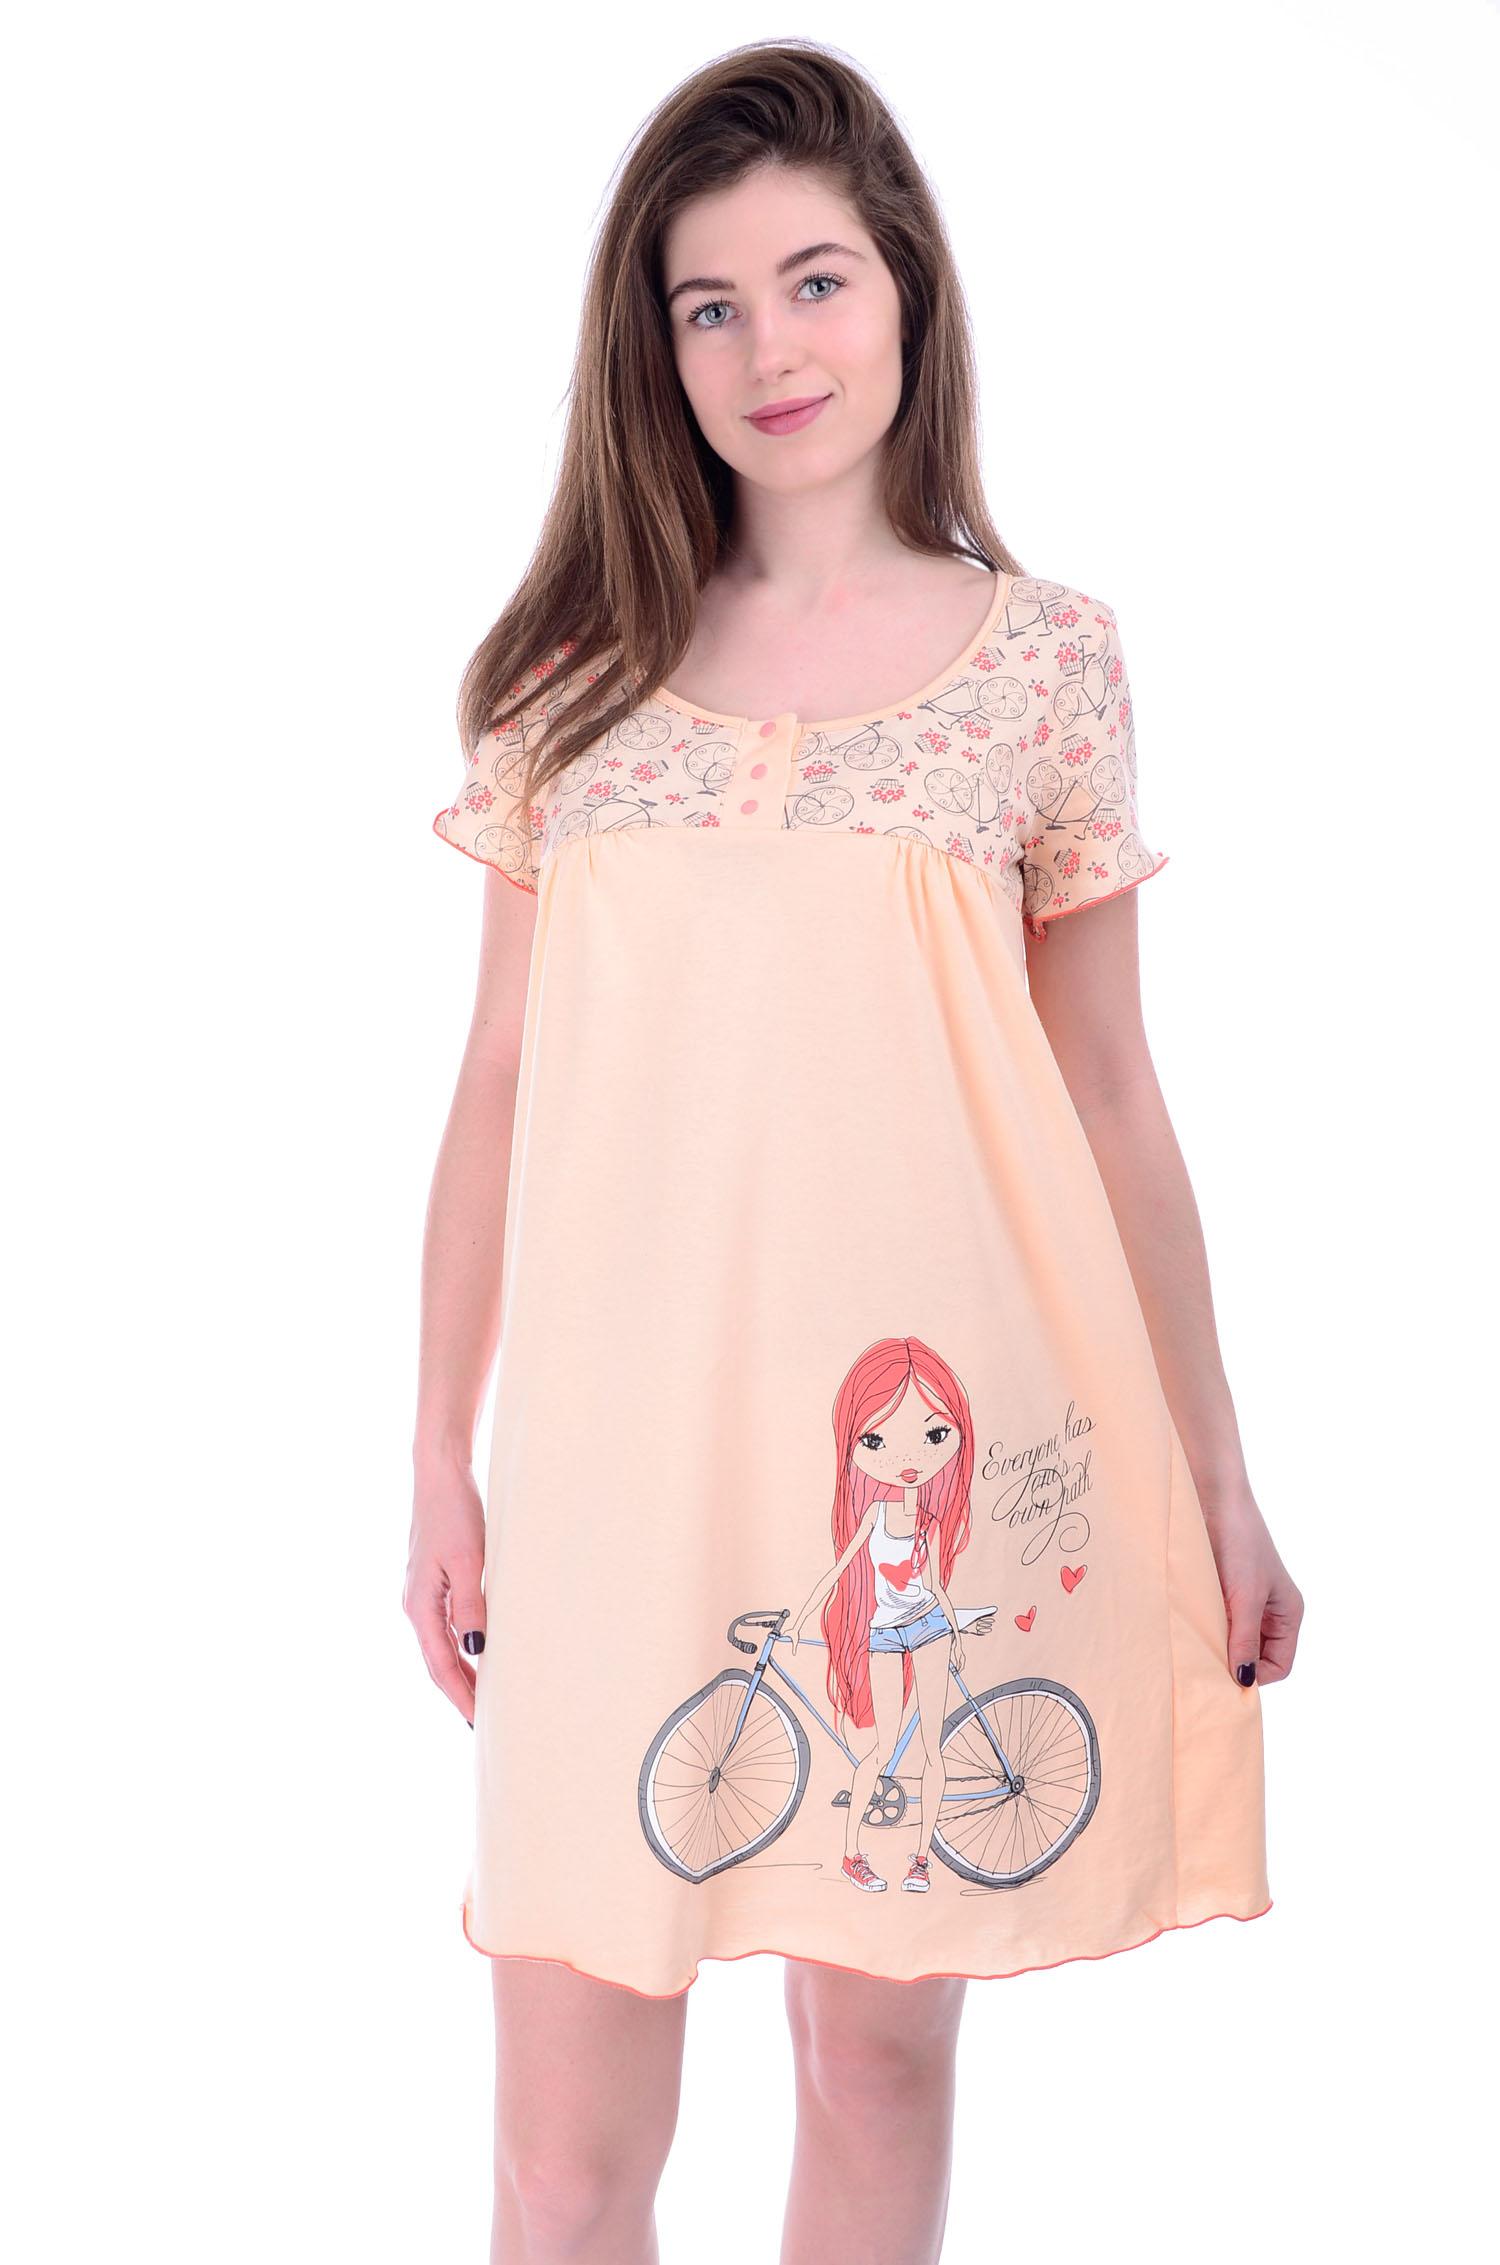 Сорочка женская Джулия с коротким рукавомСорочки<br><br><br>Размер: 48